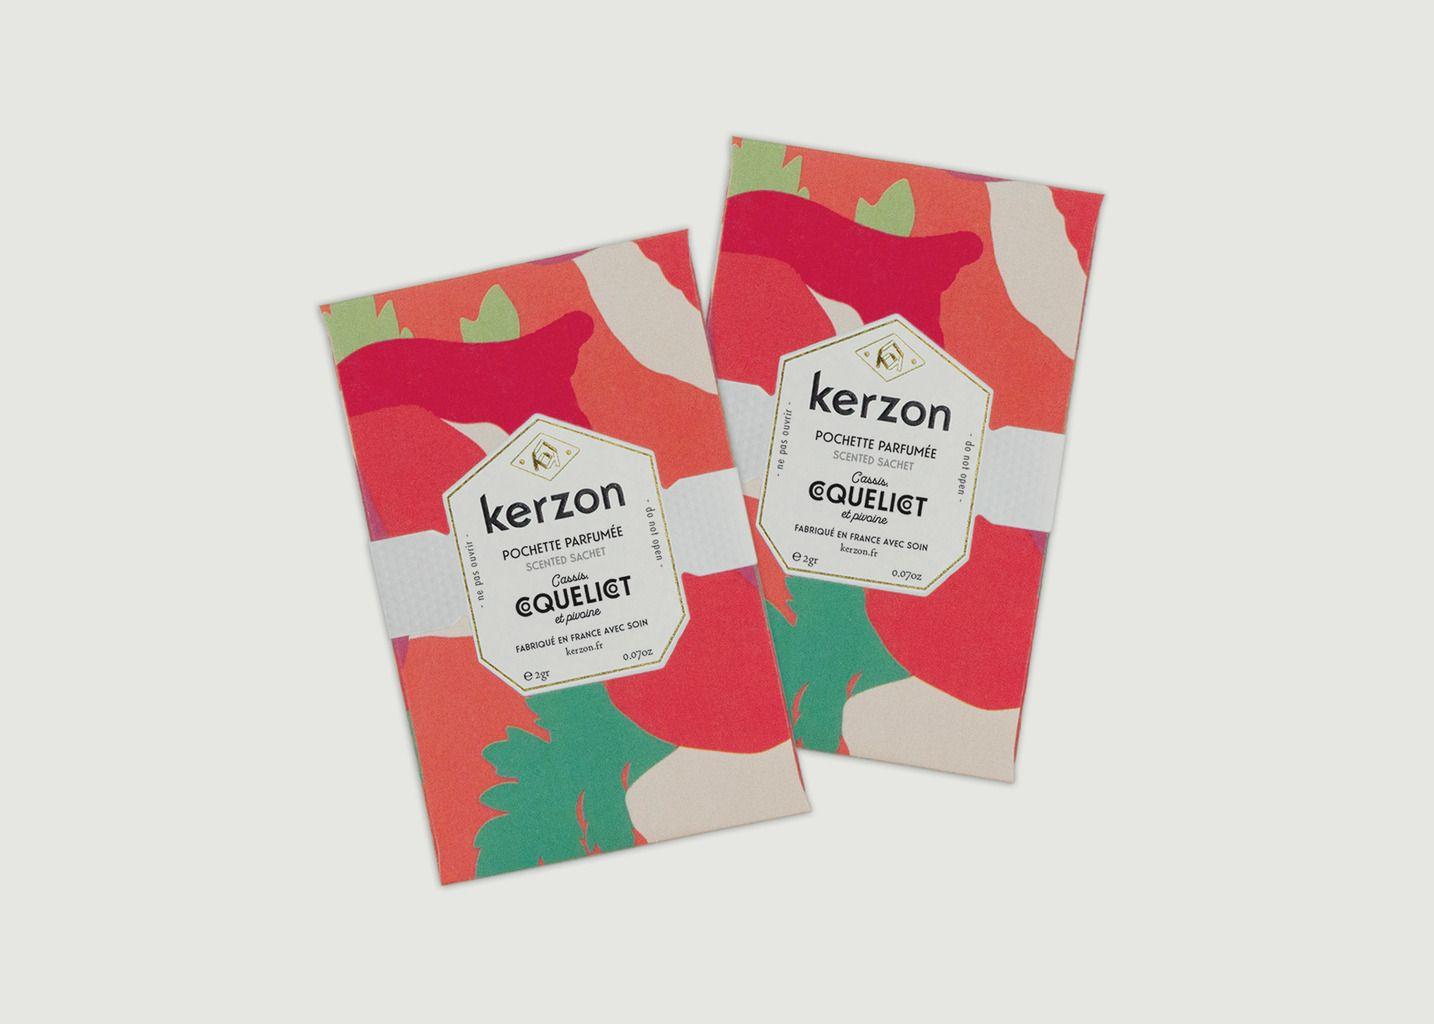 Pochettes Parfumées - Coquelicot - Kerzon